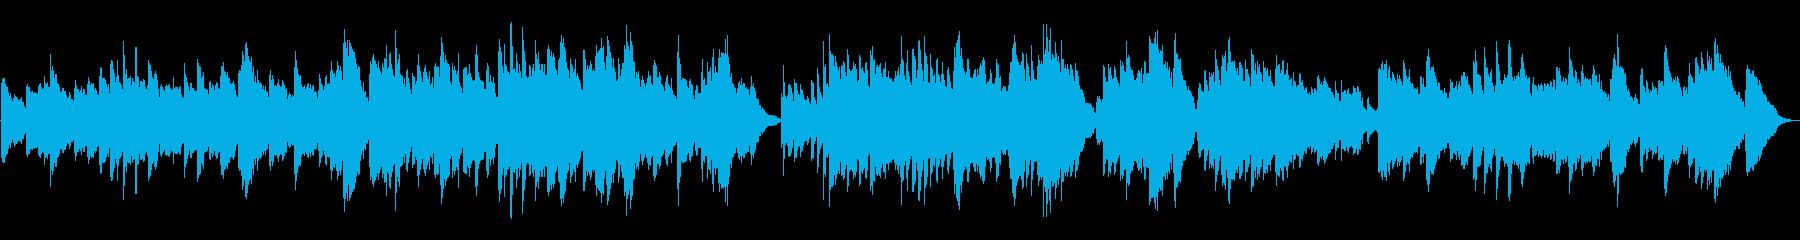 ベートーベン「悲愴」2楽章有名部分テーマの再生済みの波形